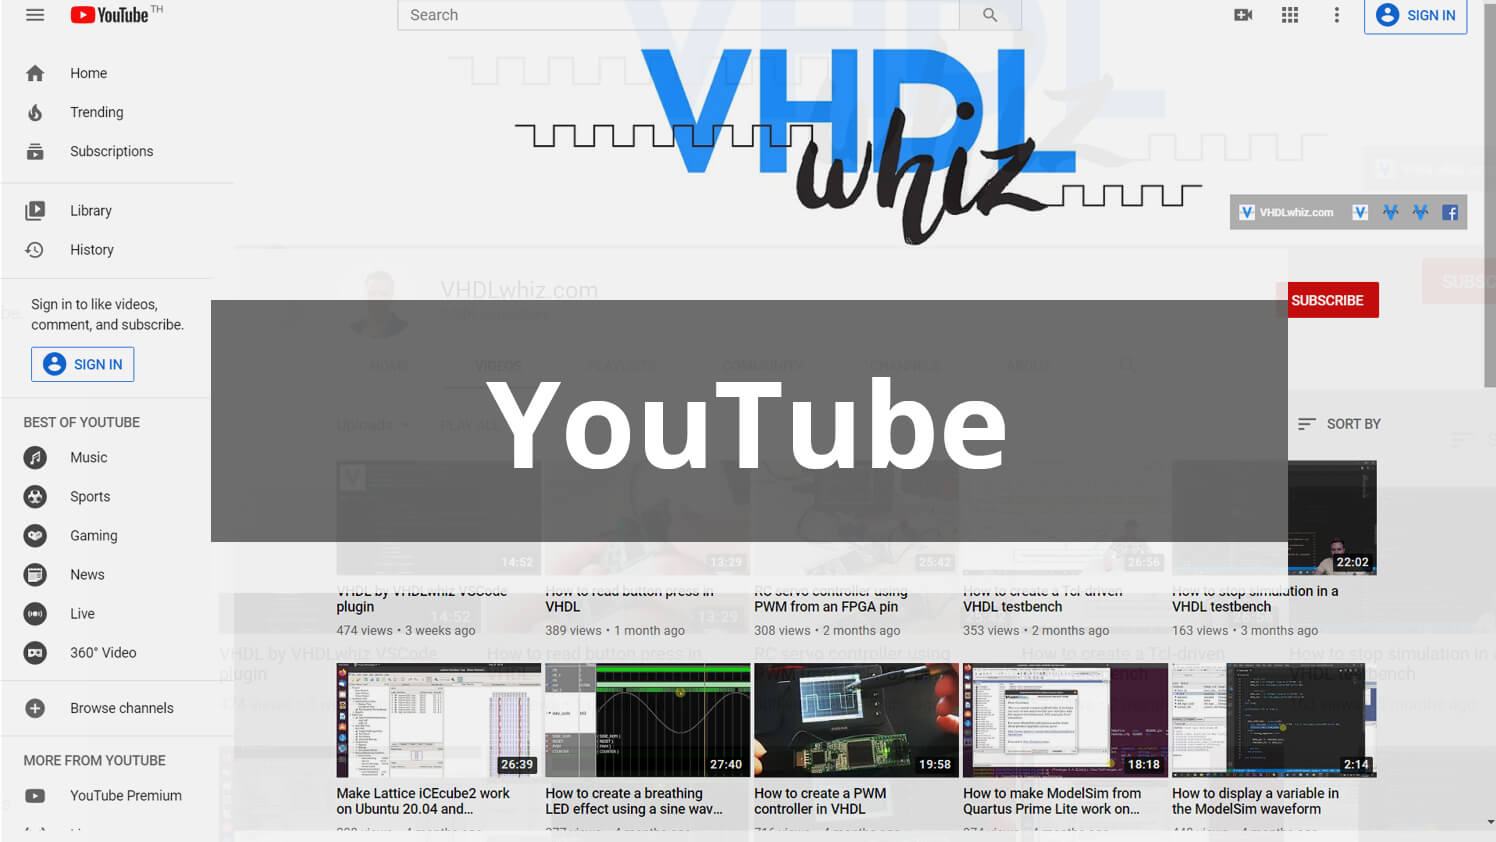 VHDLwhiz on YouTube